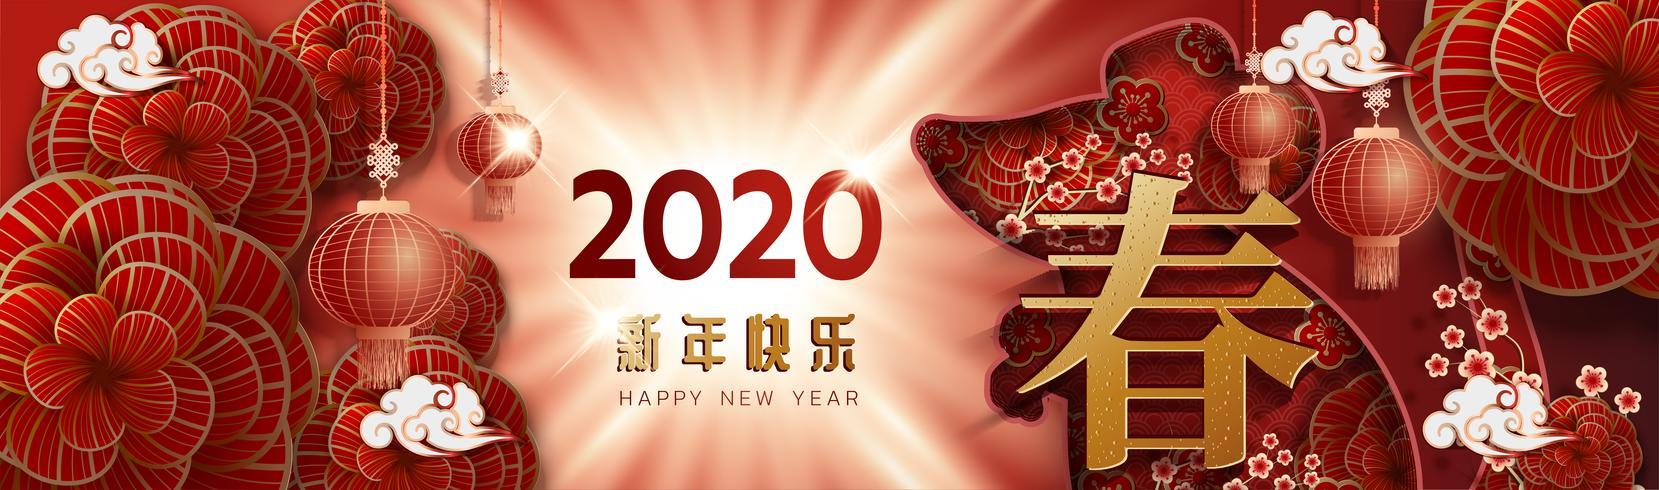 Carte de voeux du signe du zodiaque du nouvel an chinois 2020 vecteur